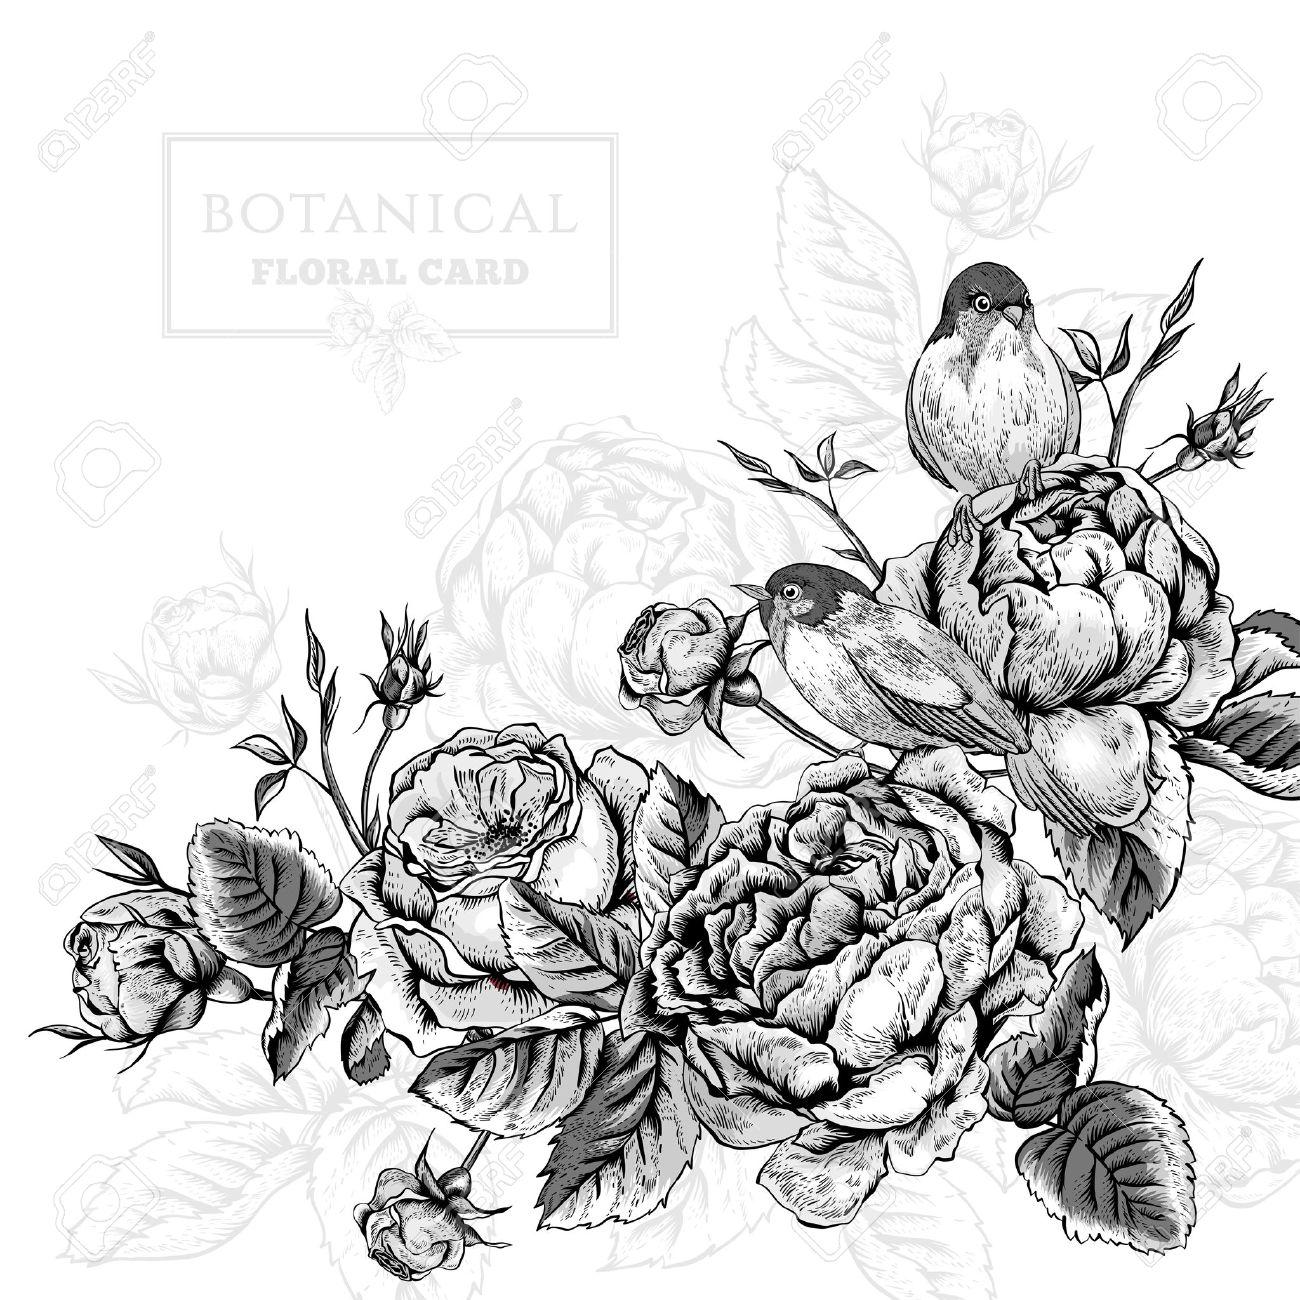 Blanco Y Negro Tarjeta Floral Botanico En El Estilo Vintage Con